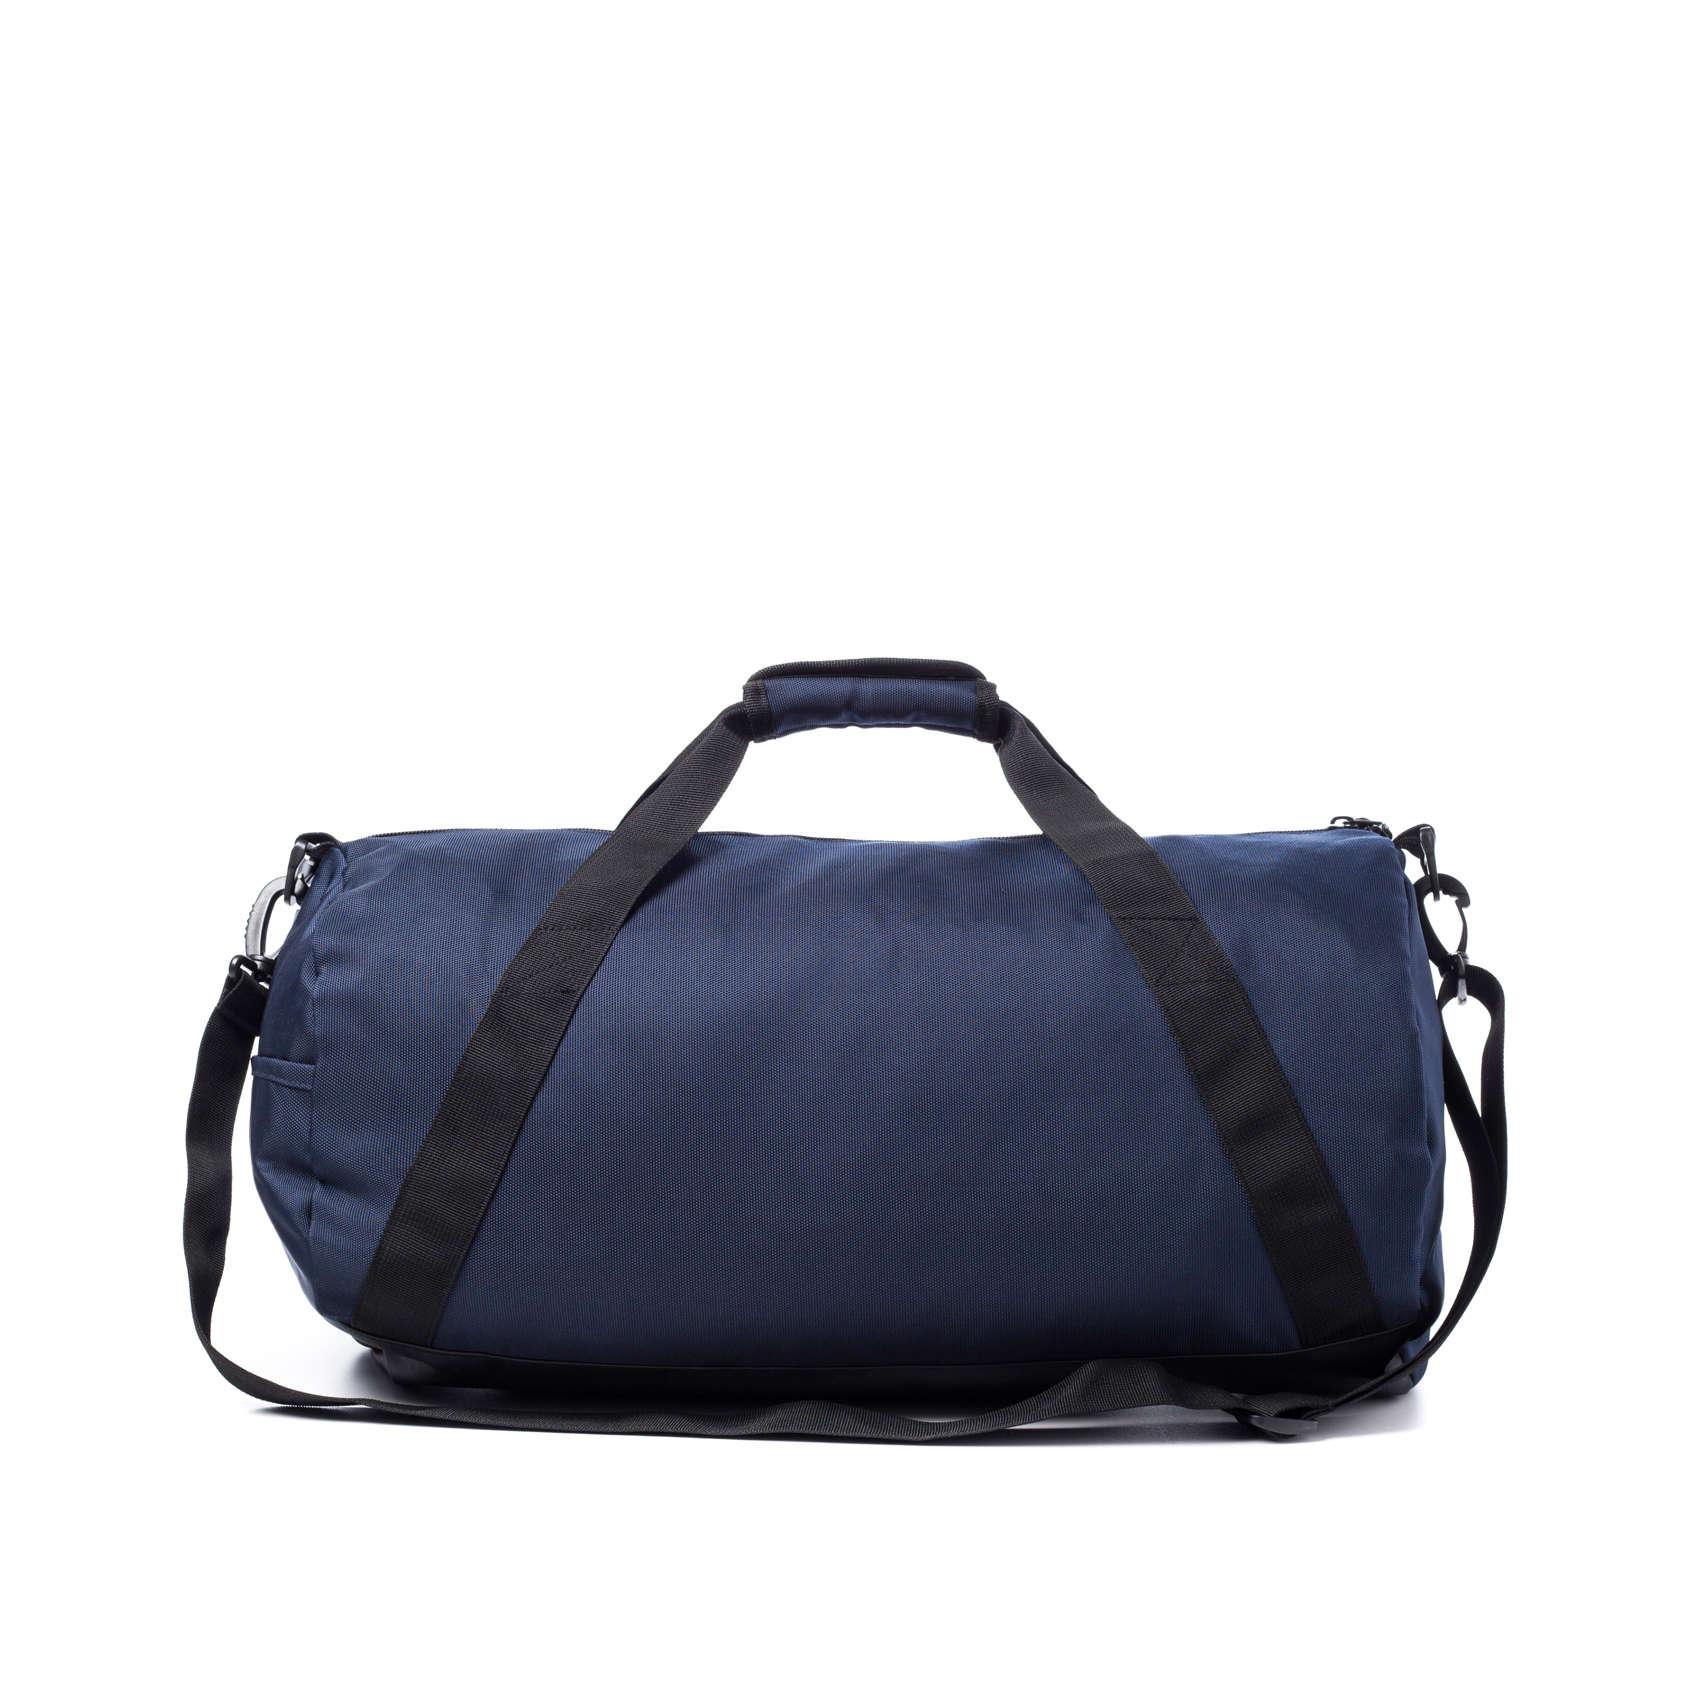 GYM BAG 6573020